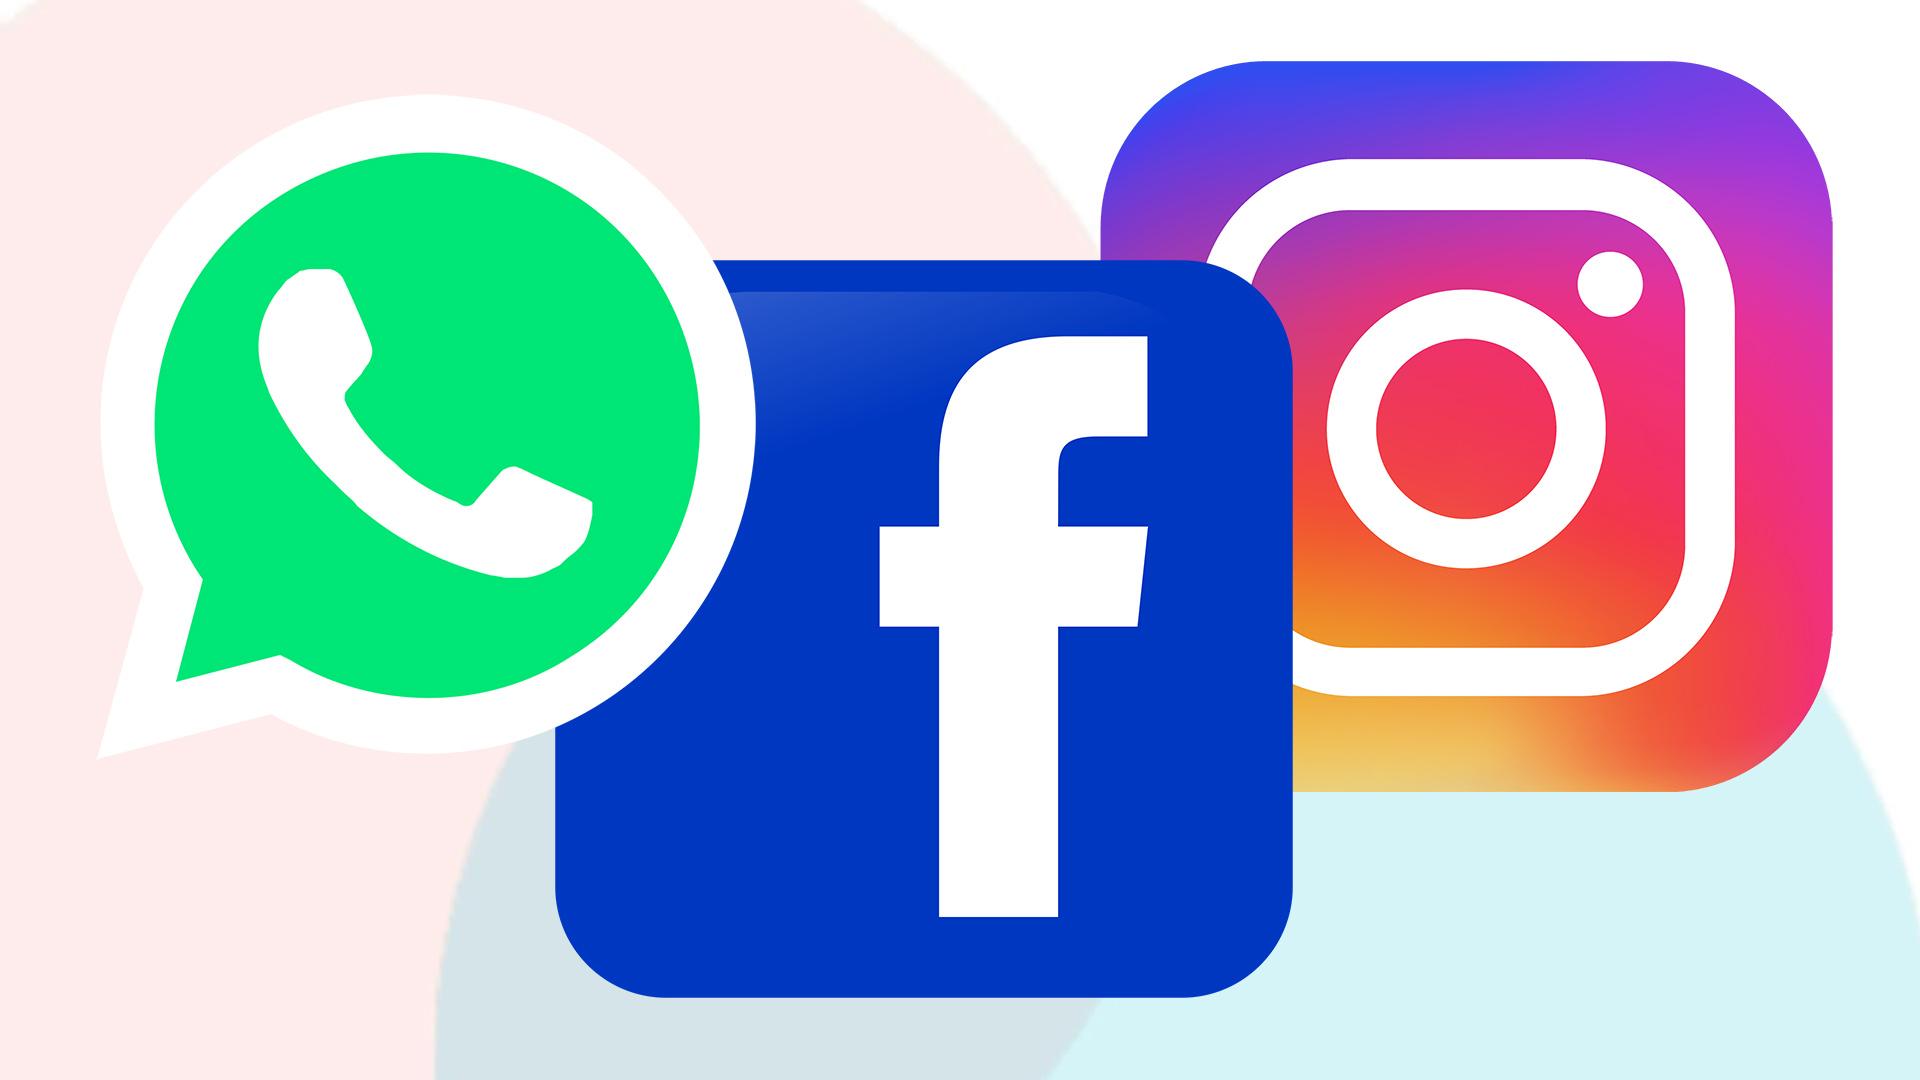 La mention « From Facebook » va être ajoutée à WhatsApp et Instagram